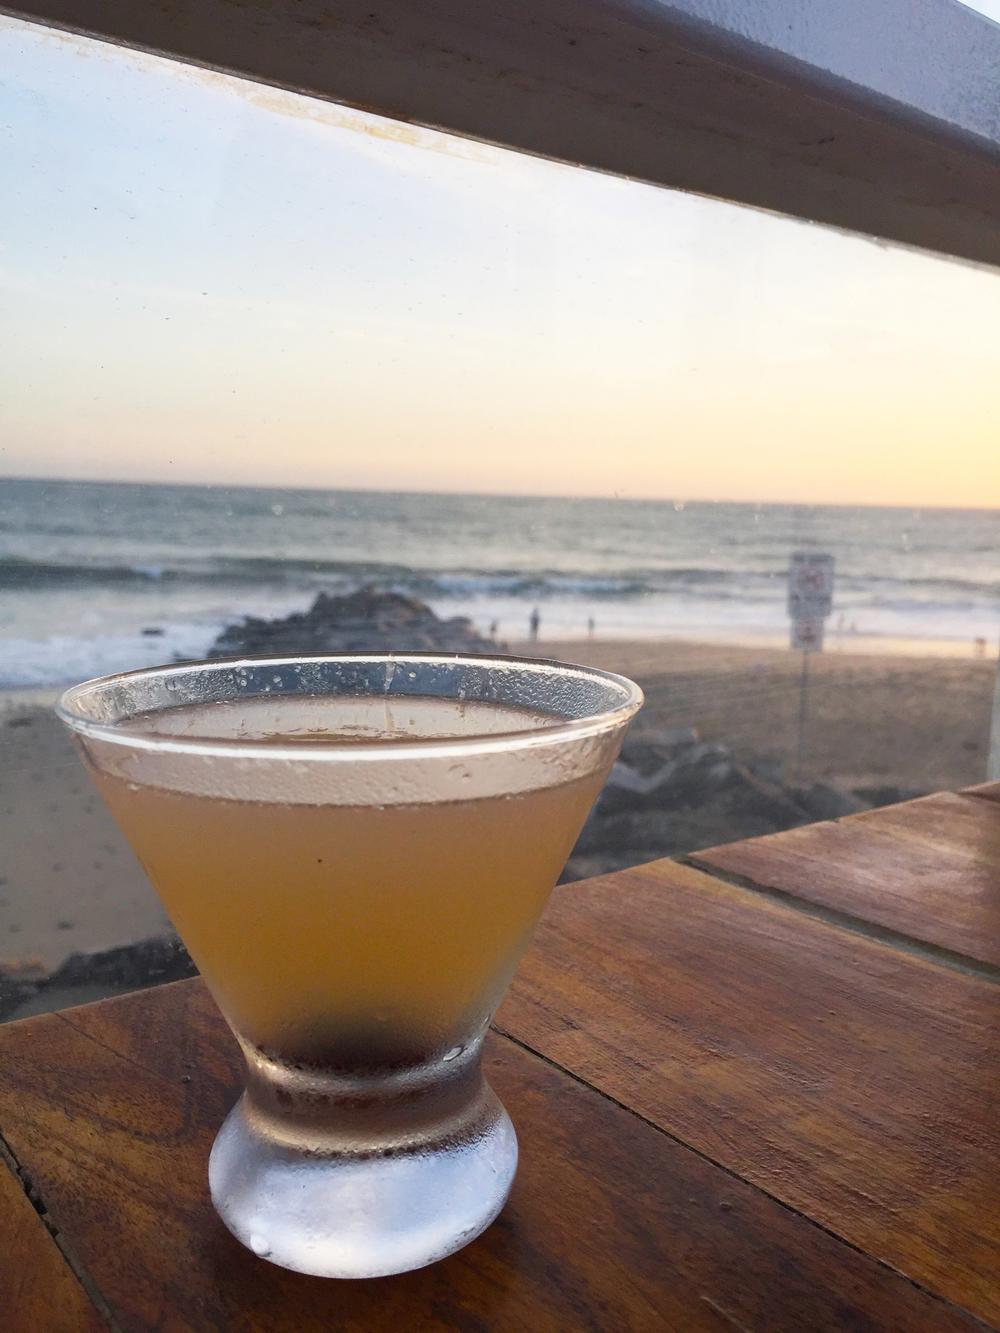 Hemingway Daiquiri with Cruzan rum, lime juice, grapefruit juice, and maraschino luxardo.